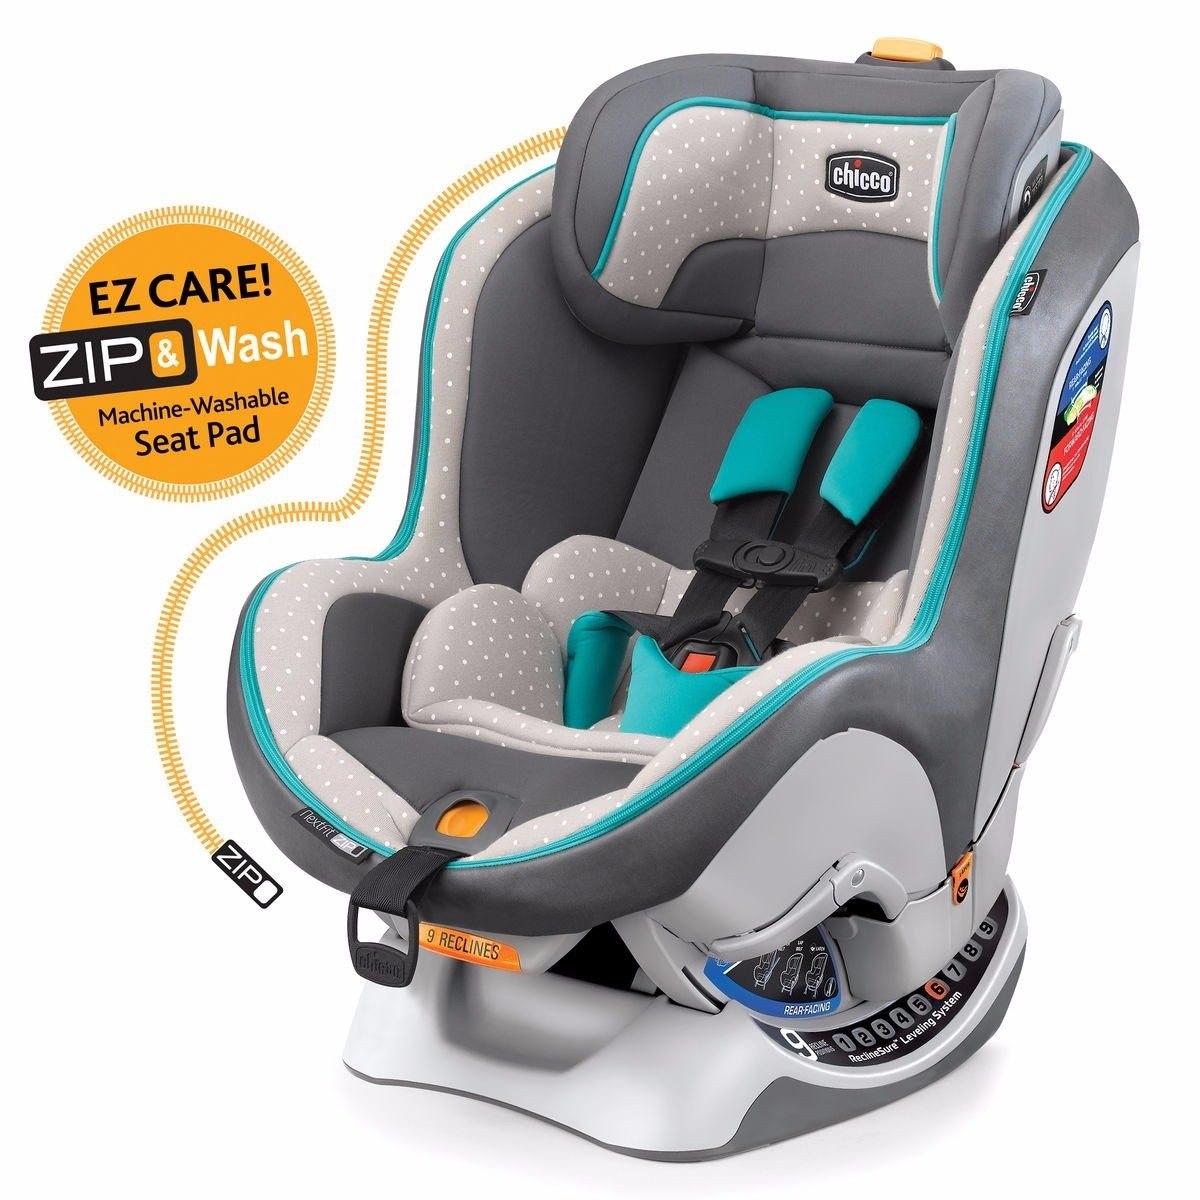 Silla de auto chicco nextfit convertible car seat nueva en mercado libre - Sillas de auto chicco ...